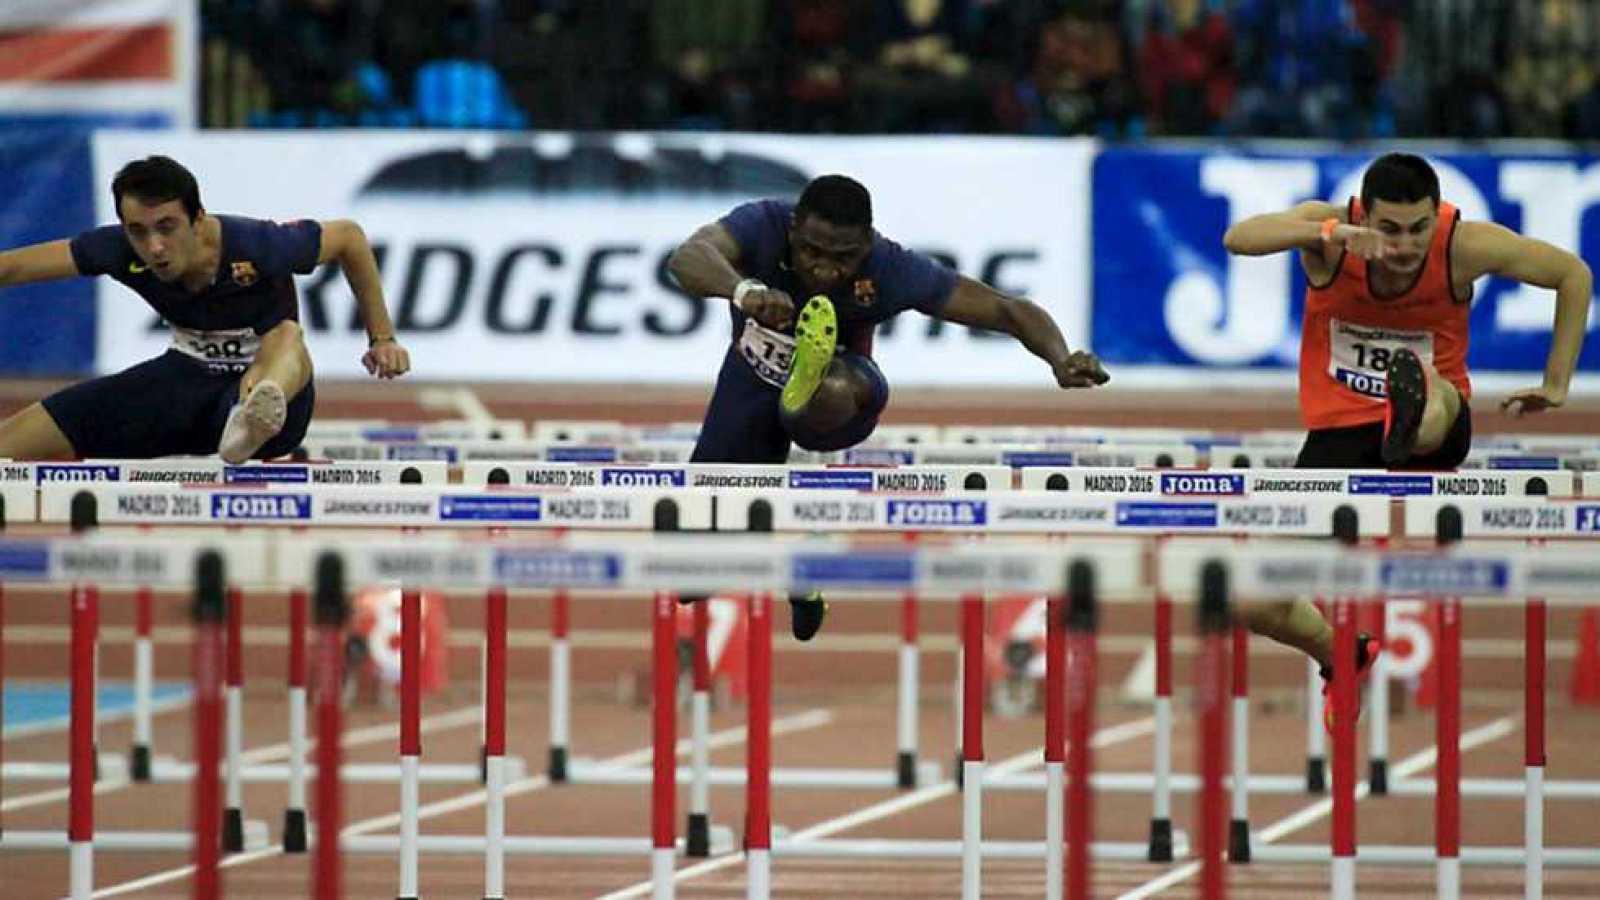 Atletismo - Campeonato de España Absoluto de Pista Cubierta - 06/03/16 - ver ahora